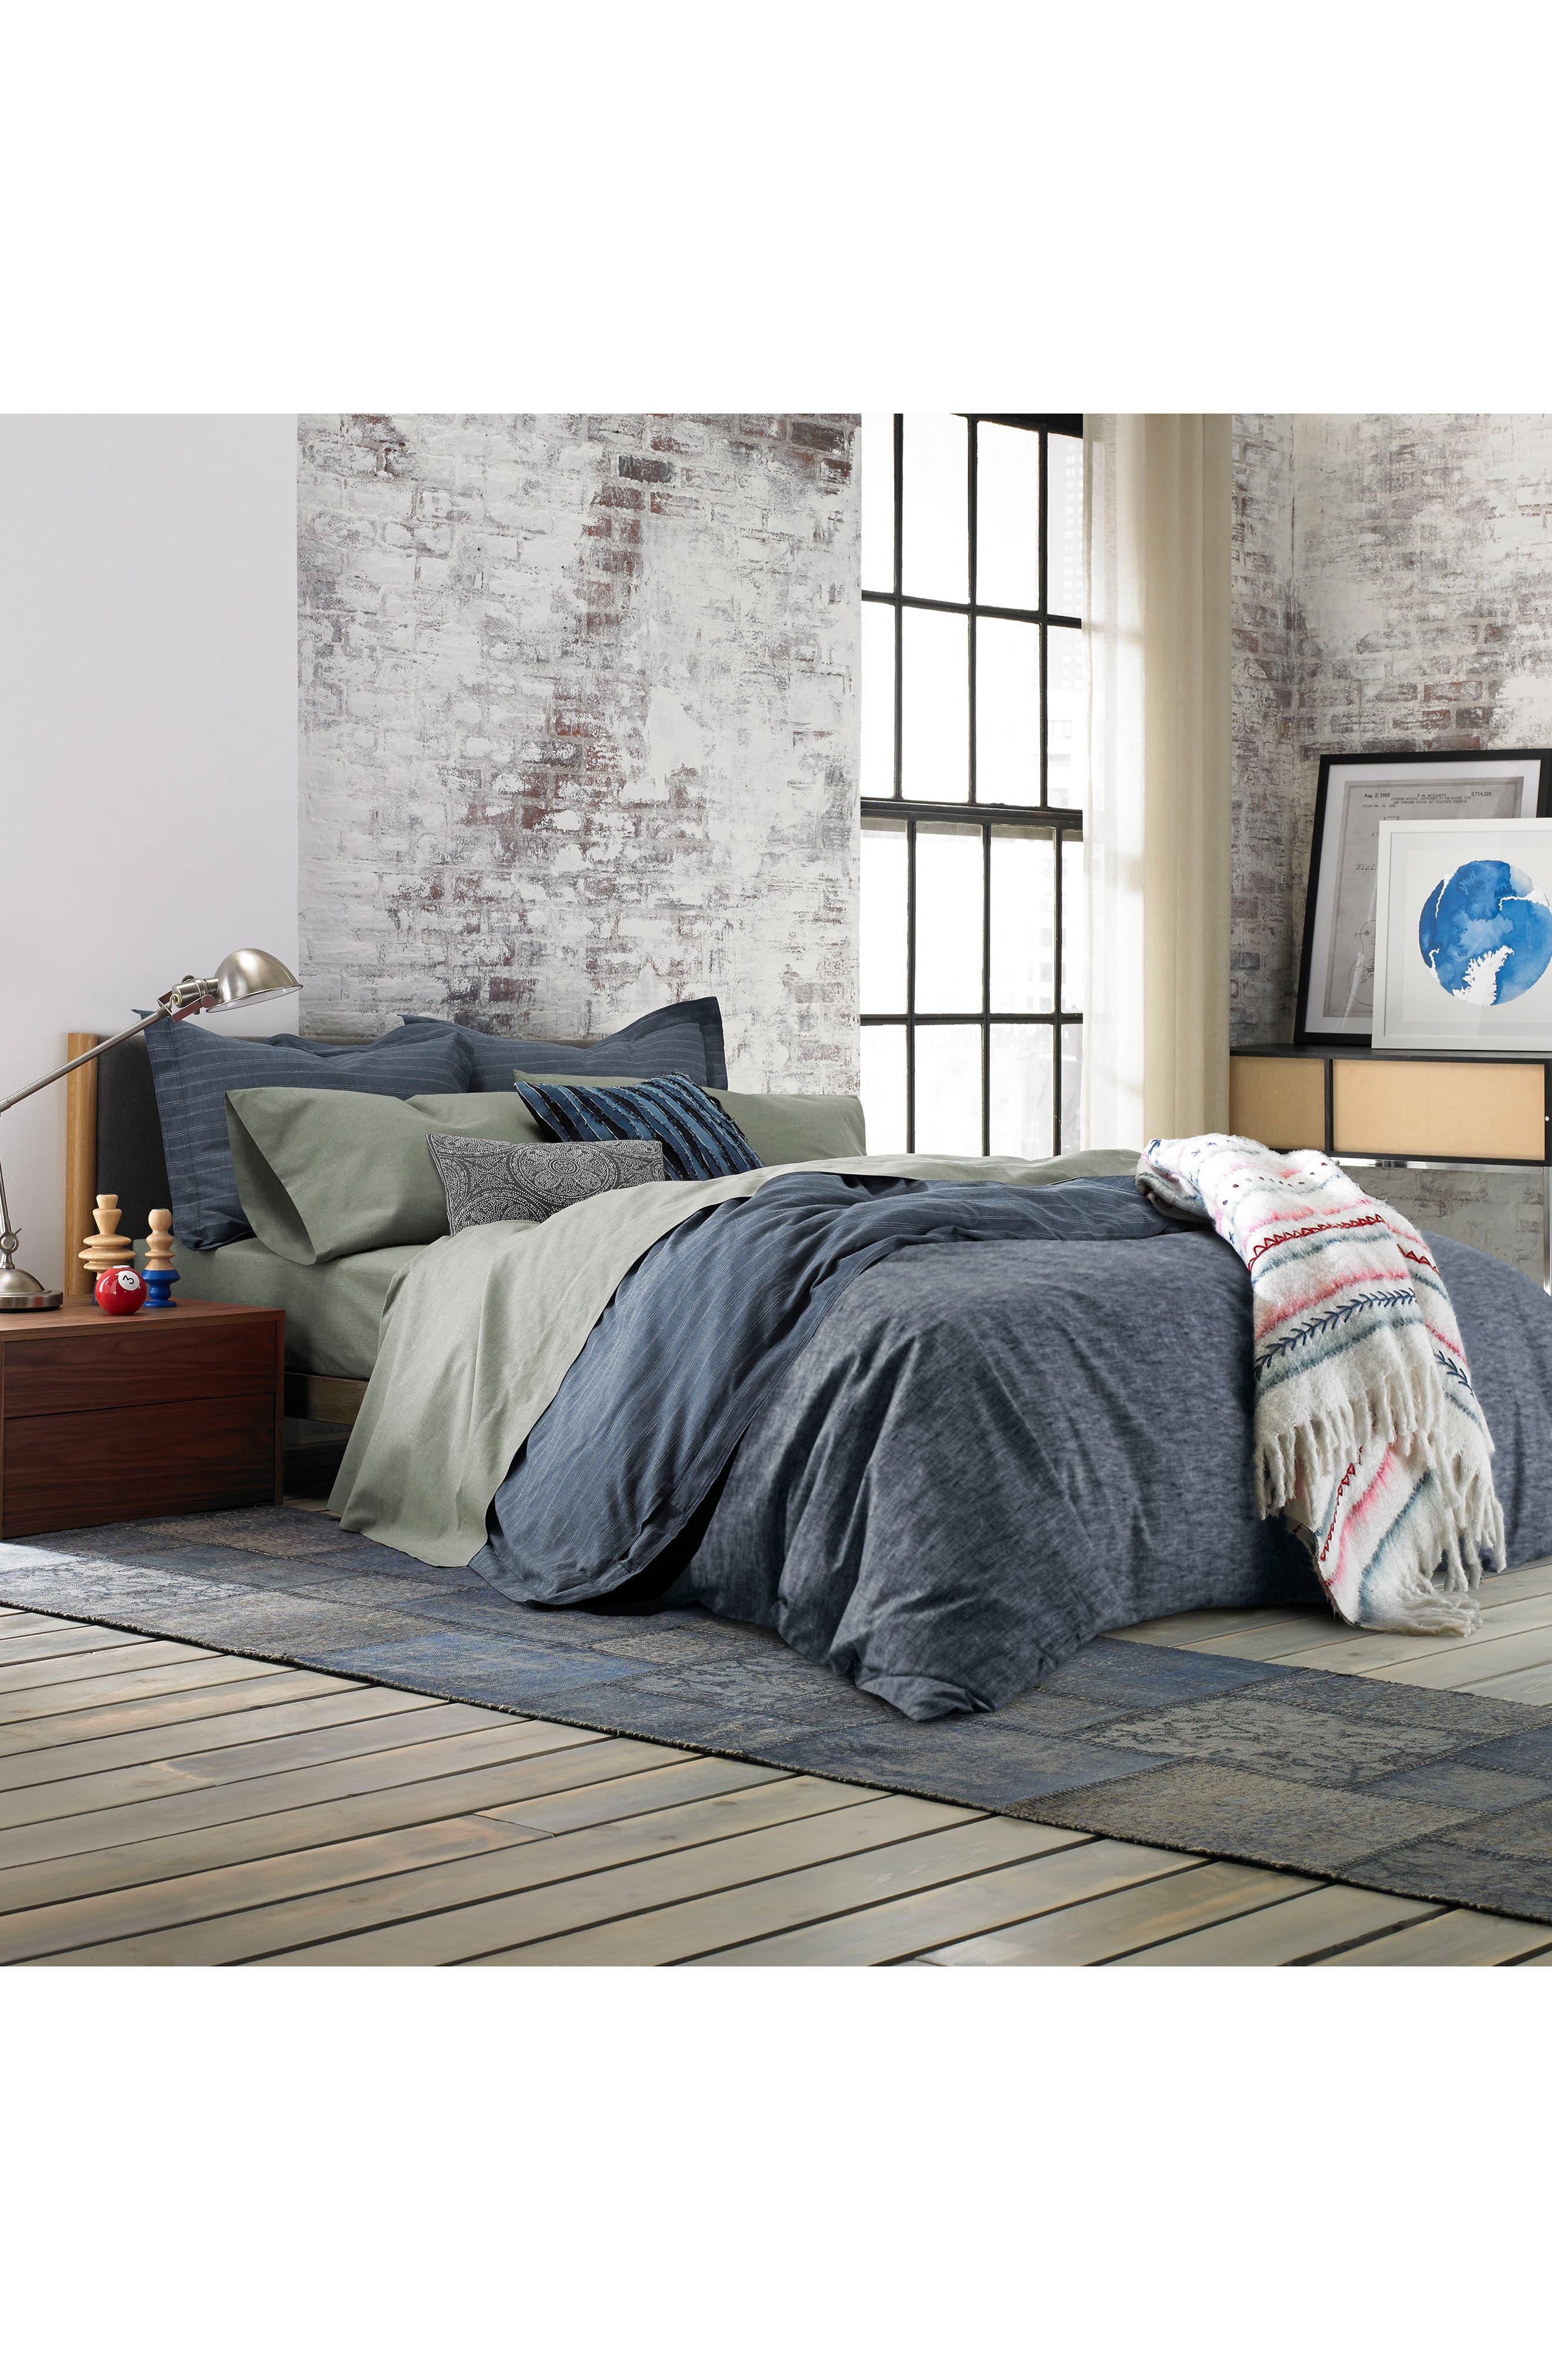 Alternate Image 1 Selected - Tommy Hilfiger Vintage Pleated Comforter & Sham Set